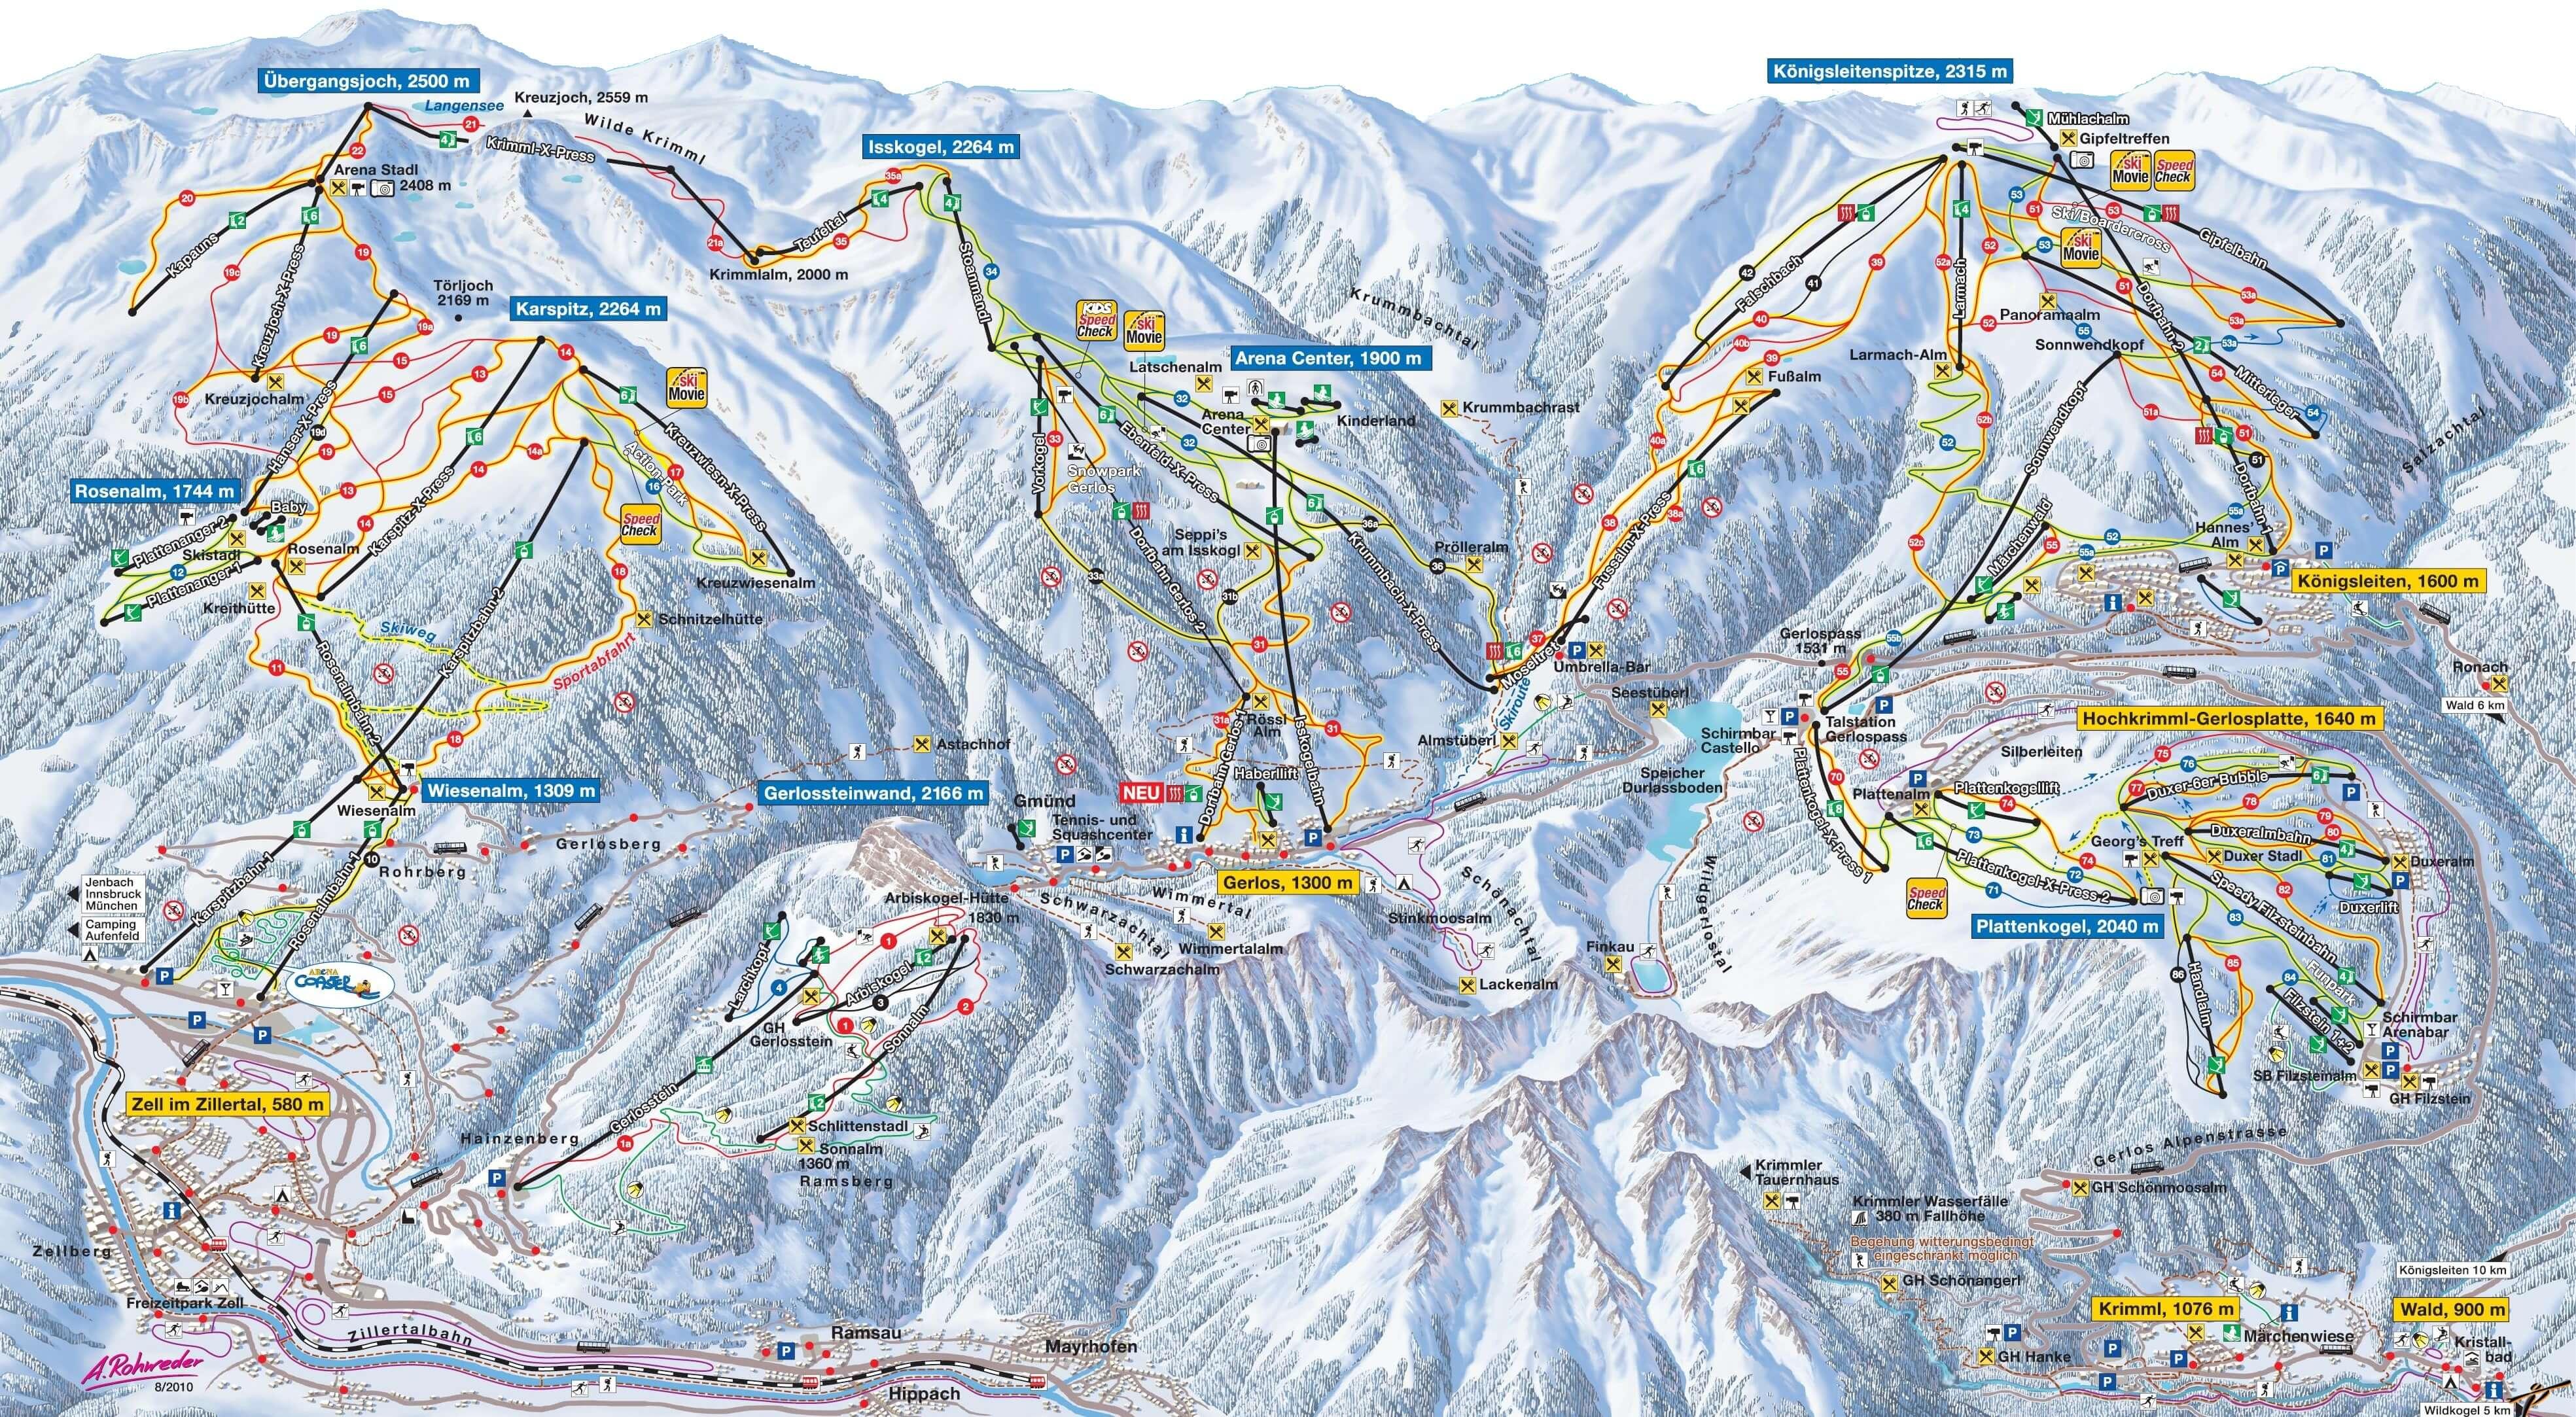 Схема трасс долины циллерталь